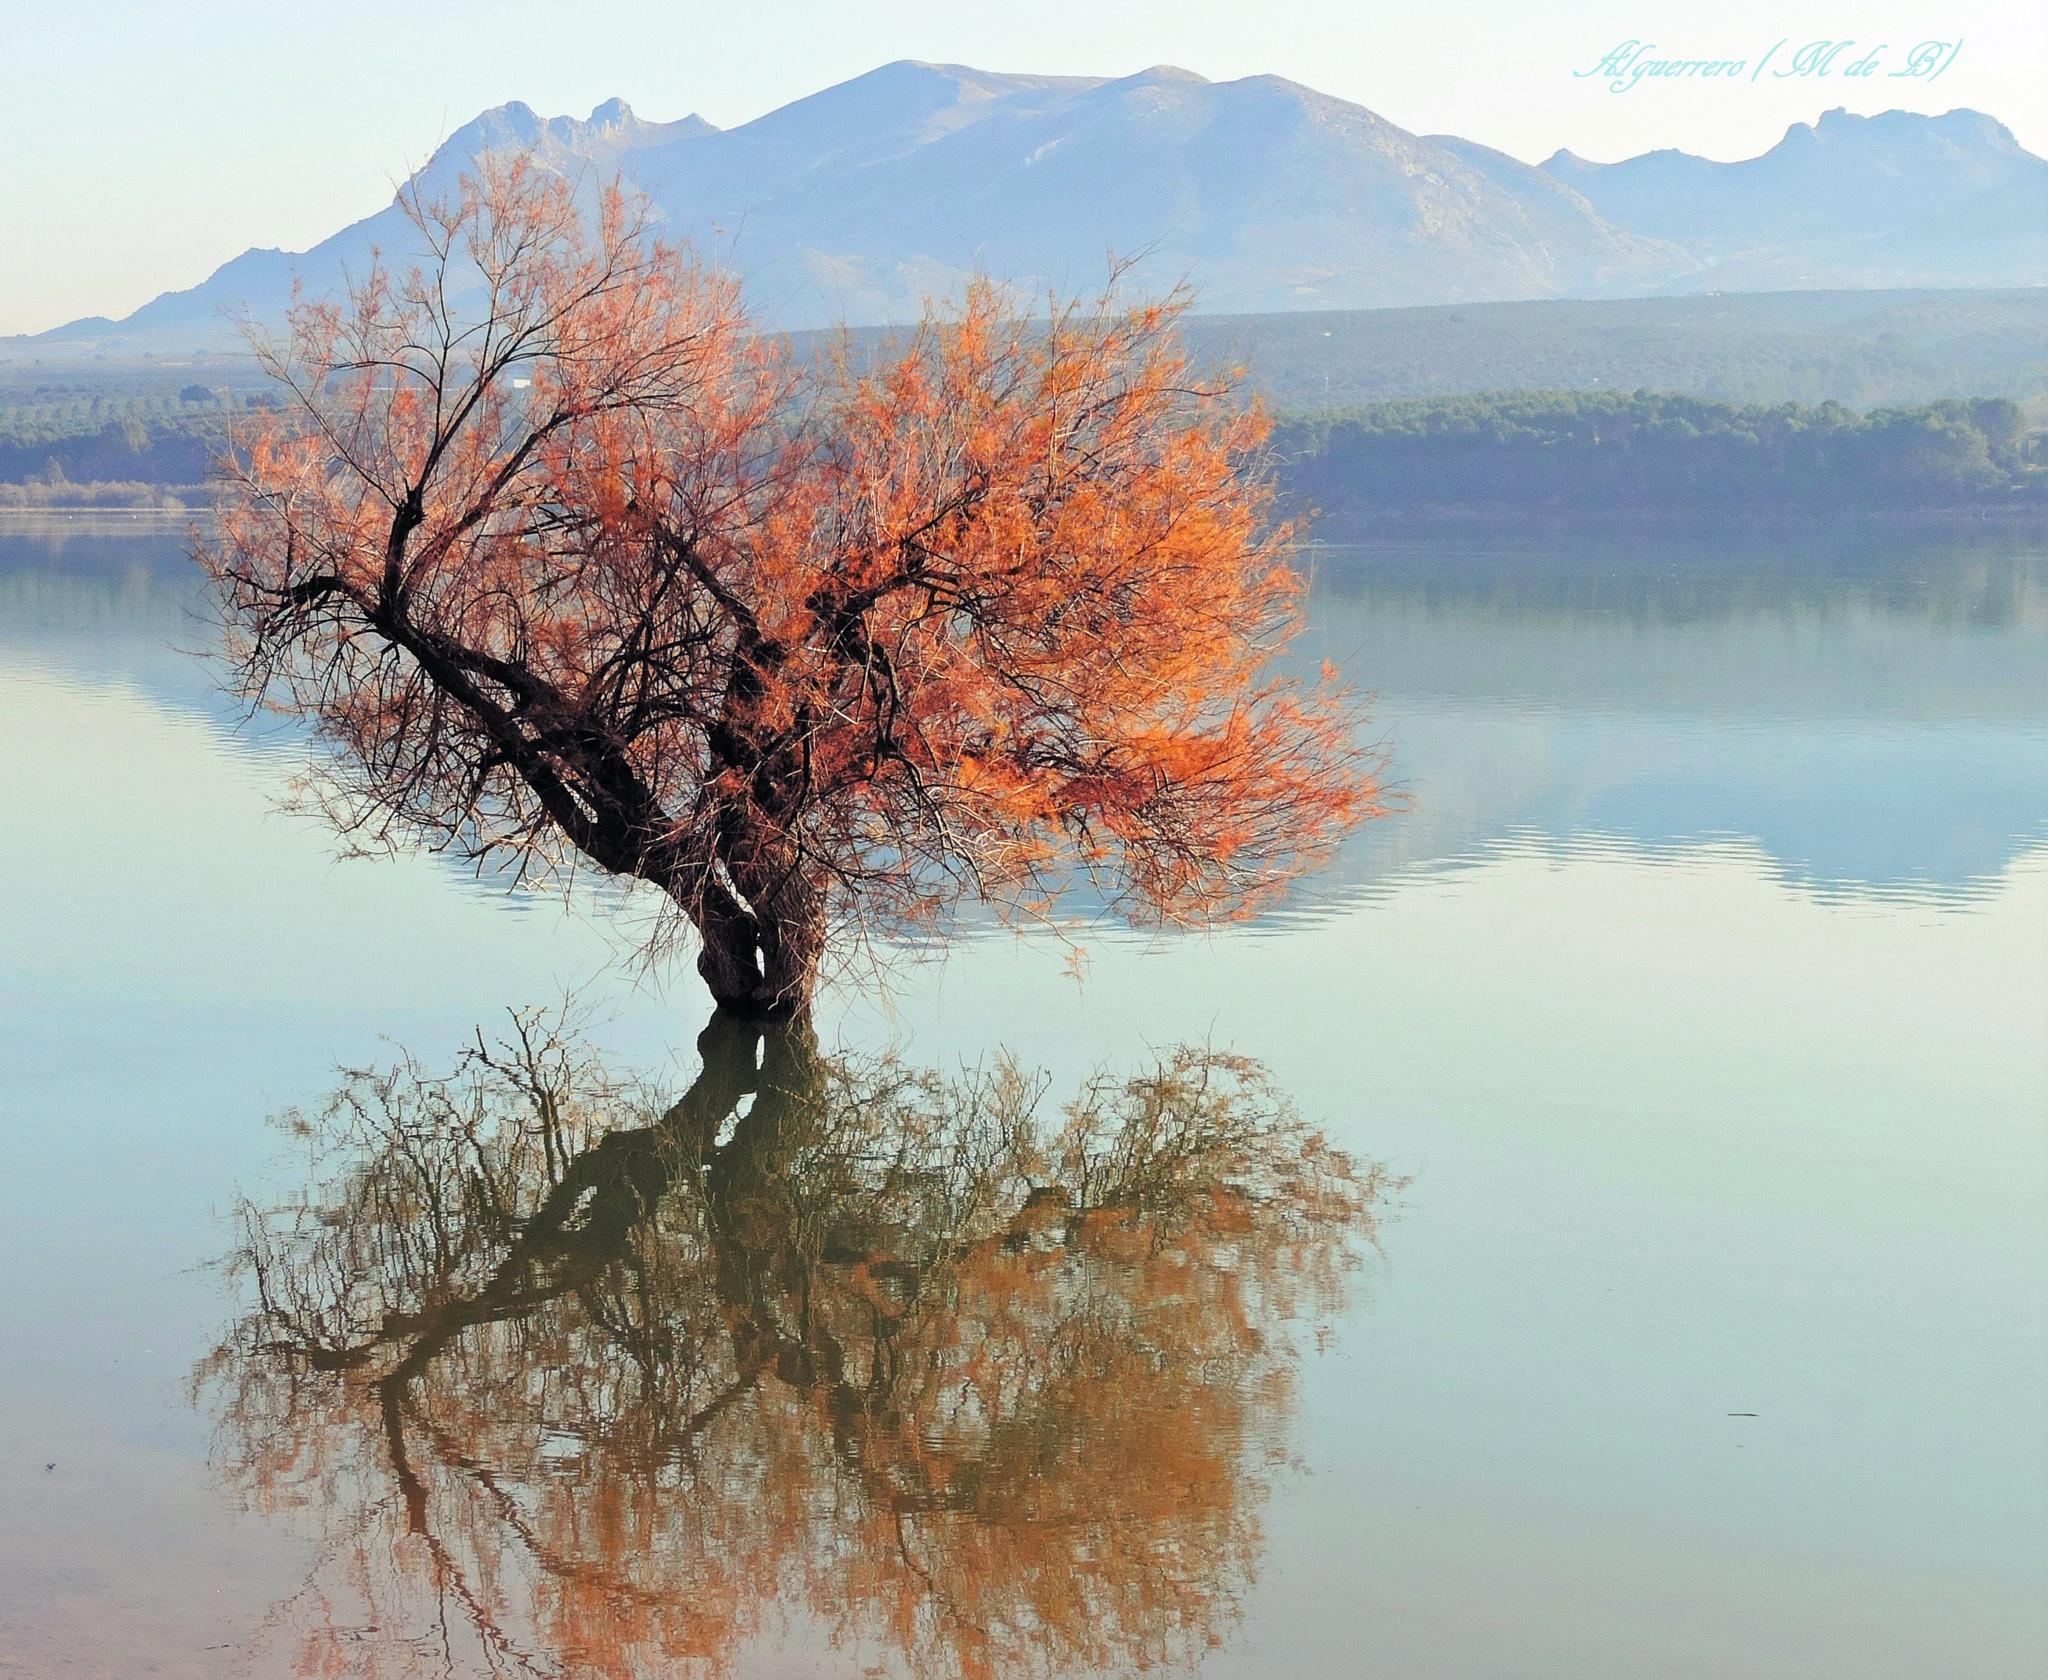 El árbol del pantano. (Swamp Tree) by Angel L. Guerrero.